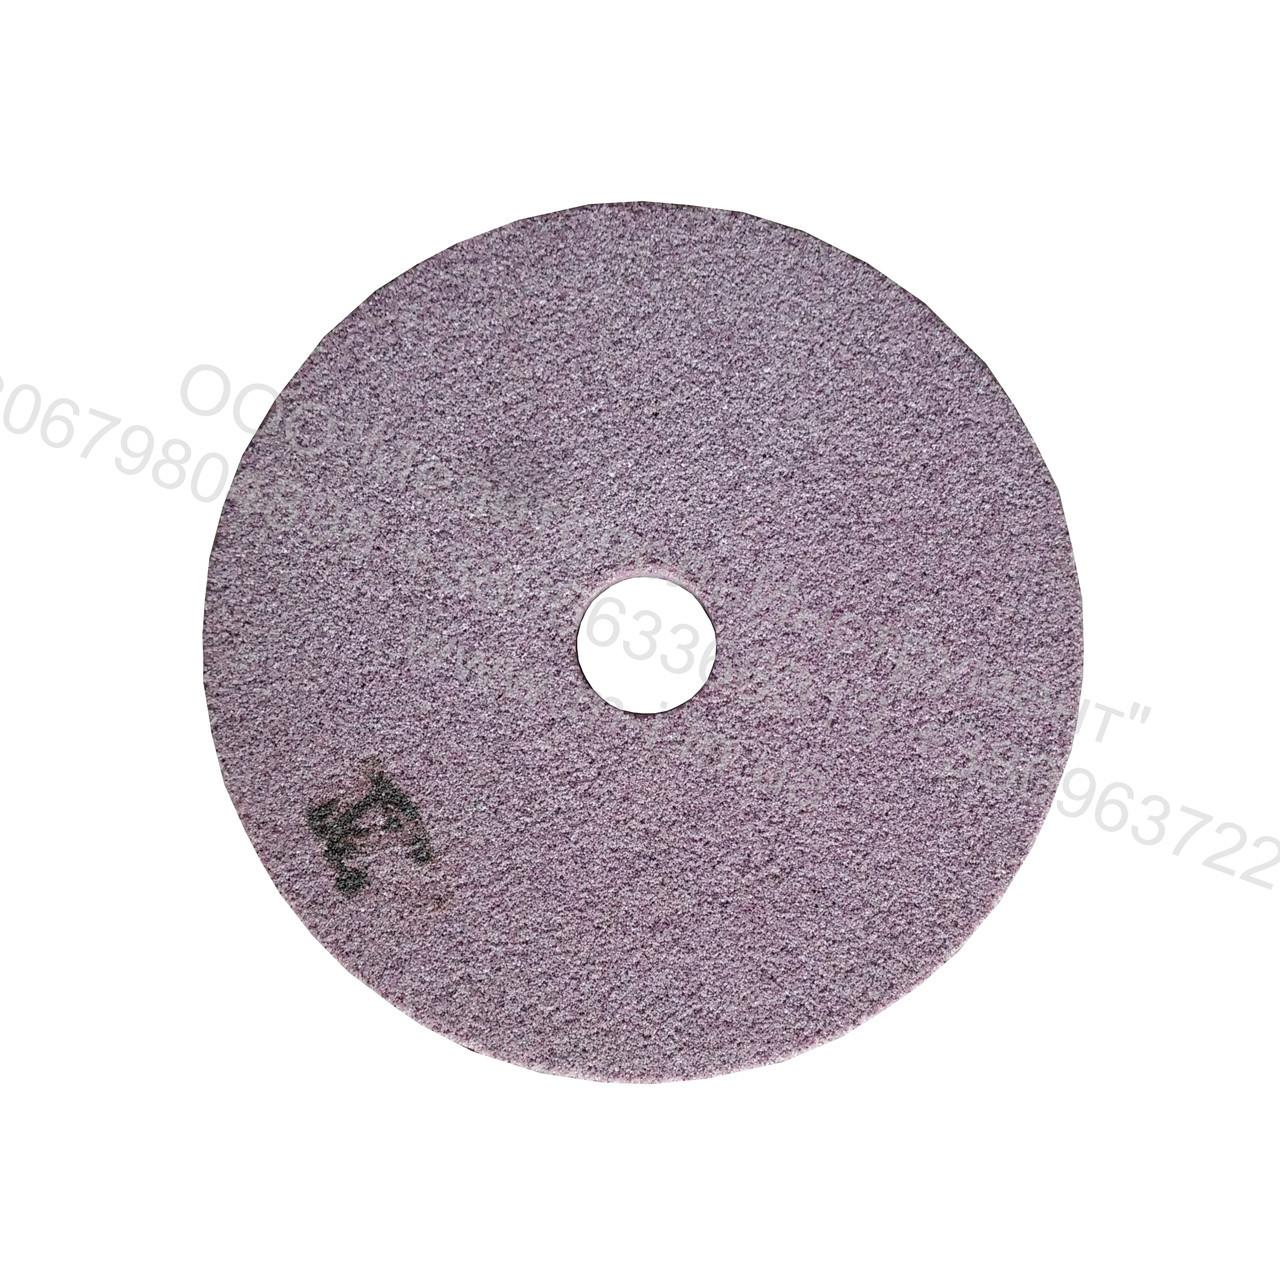 Круг абразивный шлифовальный  92А ПП  600х63х305 25СМ (F60, K, L)